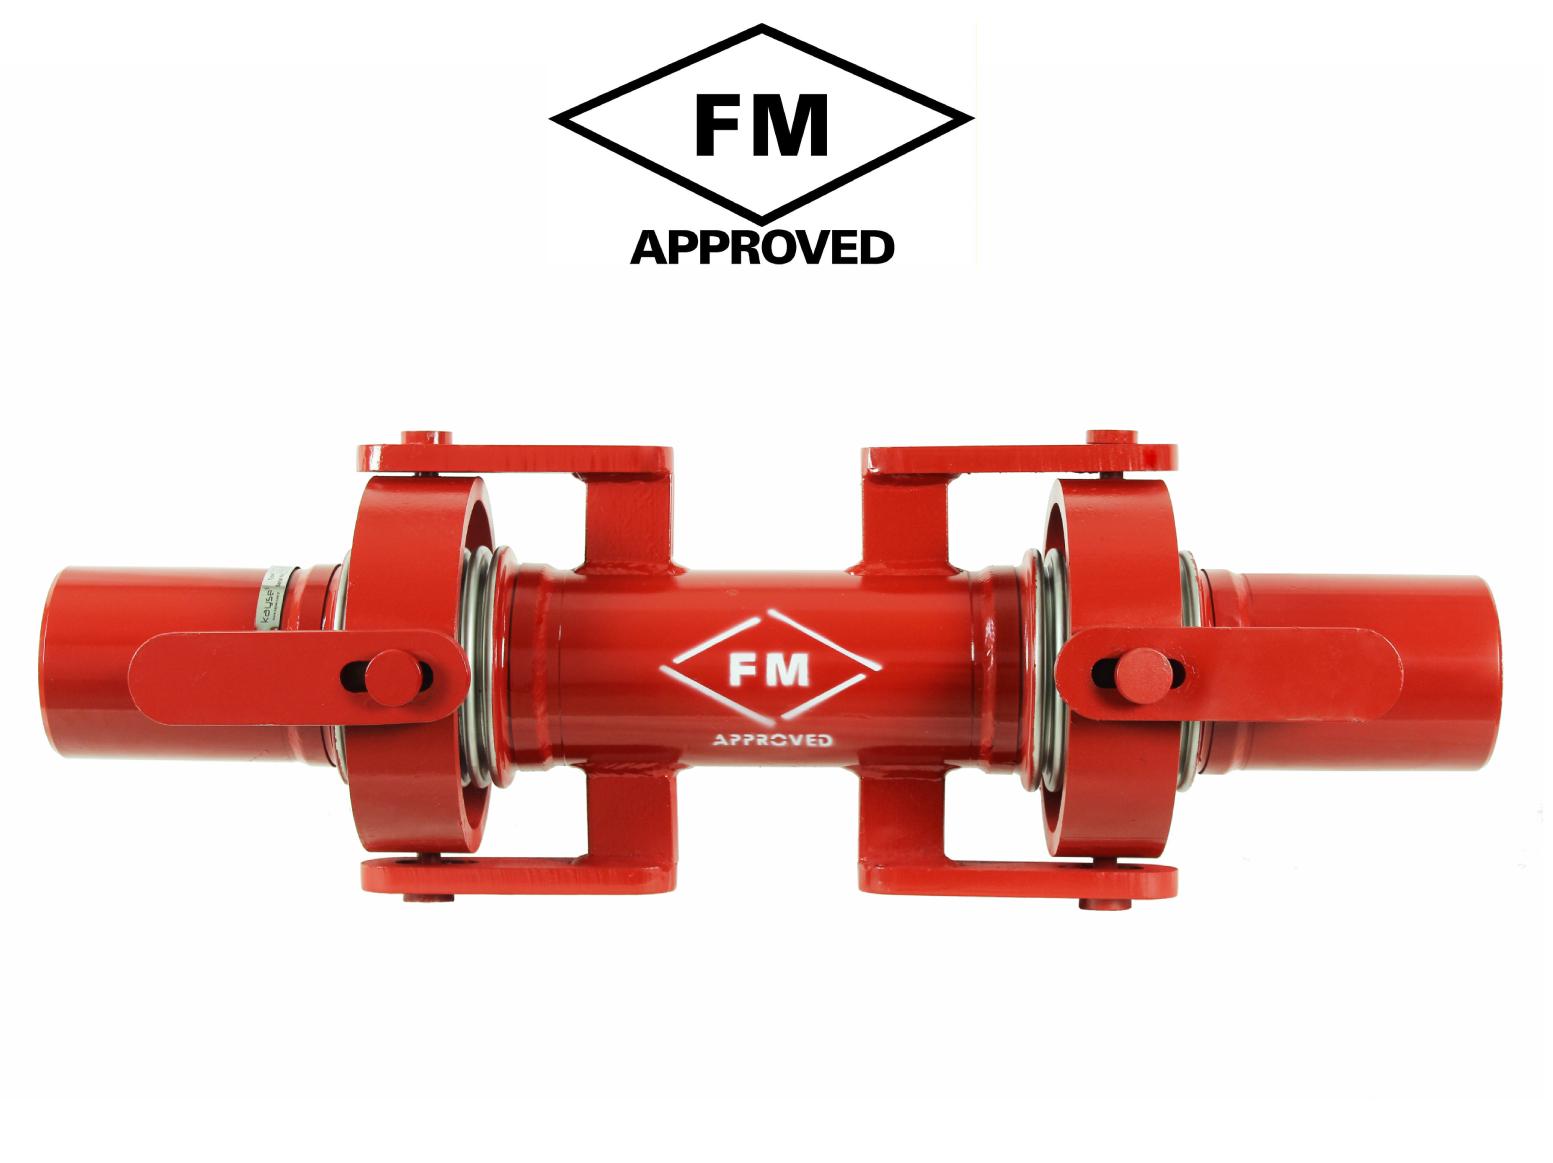 FM Onaylı Kardan Mafsallı Deprem Kompansatörü - Kaynak Boyunlu